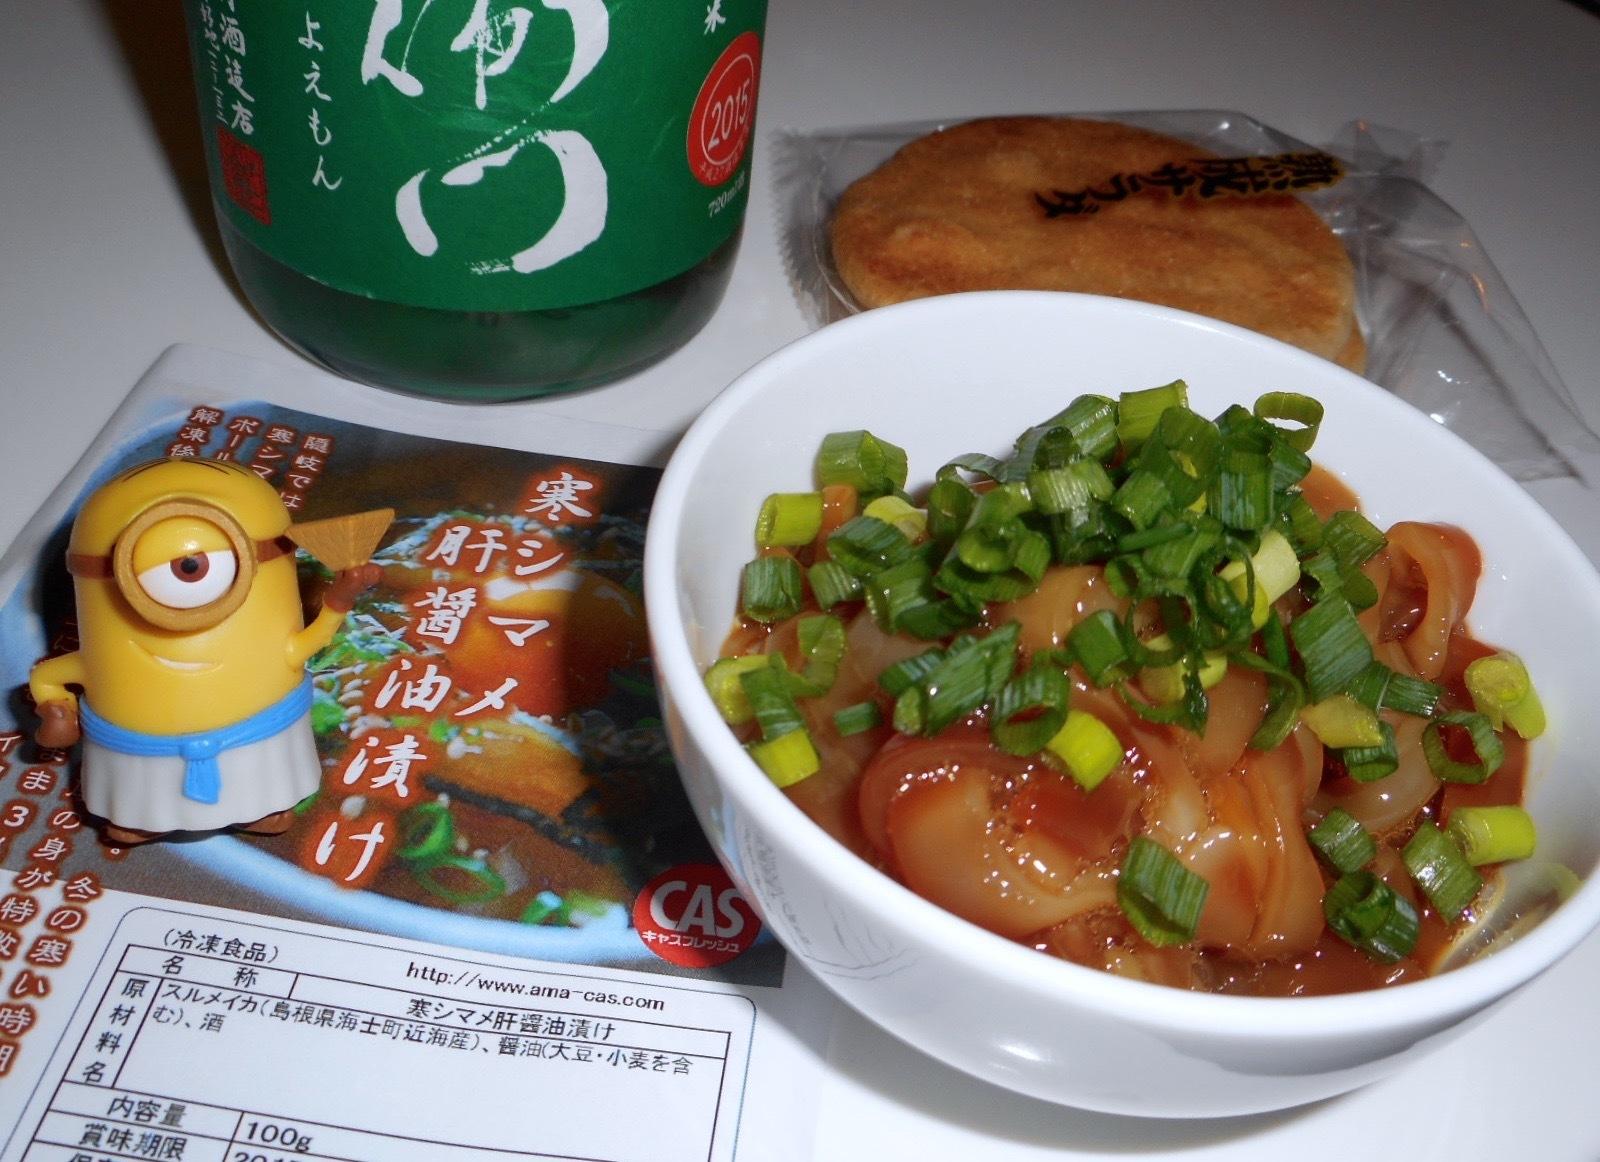 yoemon_kamenoo60jikaumi27by3.jpg